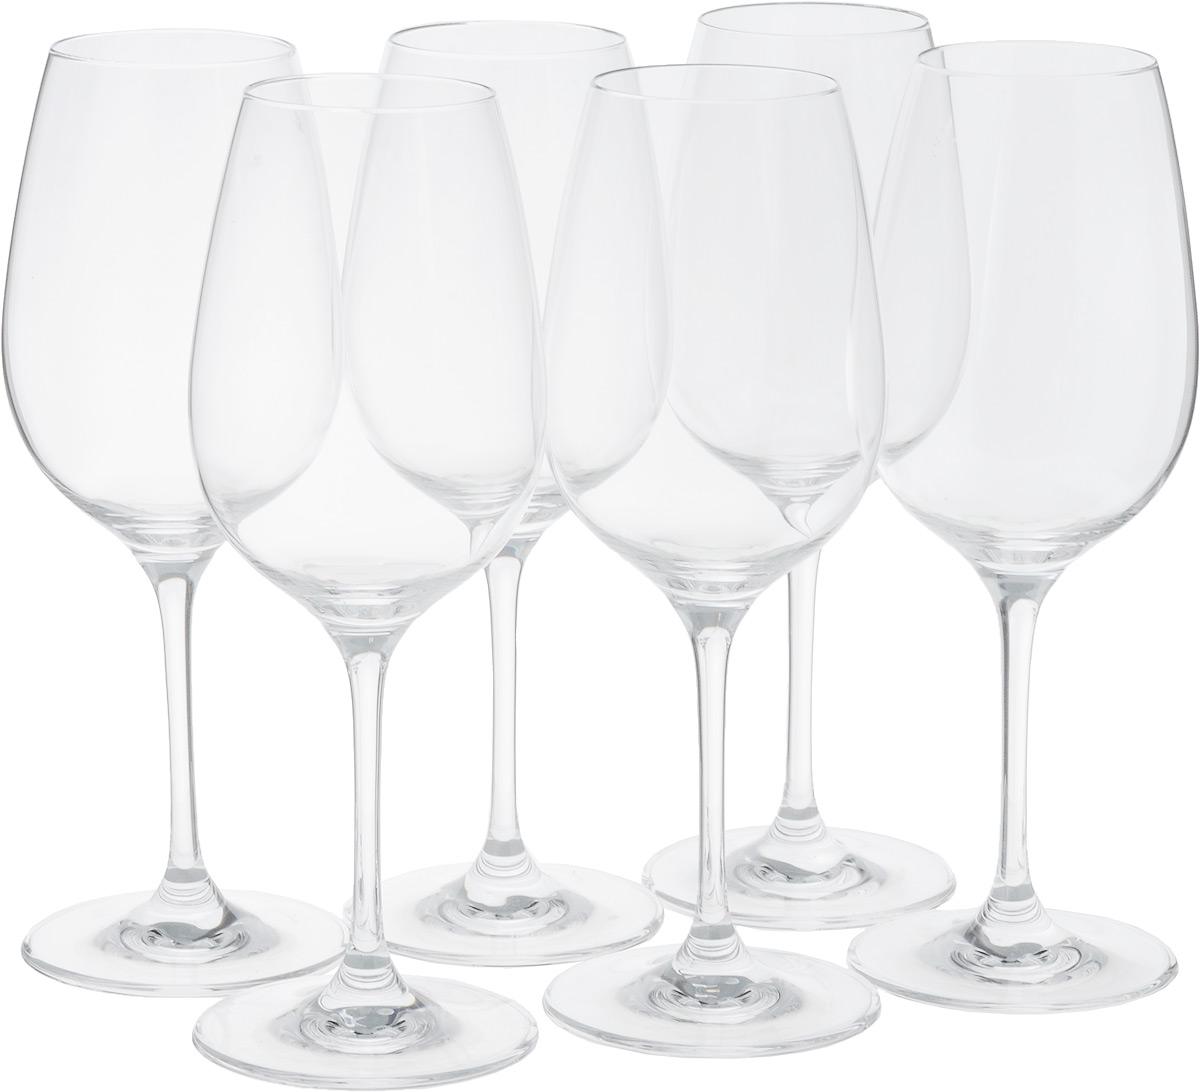 Набор бокалов для красного вина Tescoma Sommelier, 450 мл, 6шт695842Набор Tescoma Sommelier состоит из 6 бокалов, выполненных из прочногонатрий-кальций-силикатного стекла. Изделия оснащенывысокими ножками и предназначены для подачи красного вина. Онисочетают в себе элегантный дизайн и функциональность.Набор бокалов Tescoma Sommelier прекрасно оформит праздничный стол и создастприятную атмосферу за романтическим ужином. Такой набор также станетхорошим подарком к любому случаю. Можно мыть в посудомоечной машине. Высота бокала: 22,5 см. Диаметр бокала (по верхнему краю): 5,5 см.